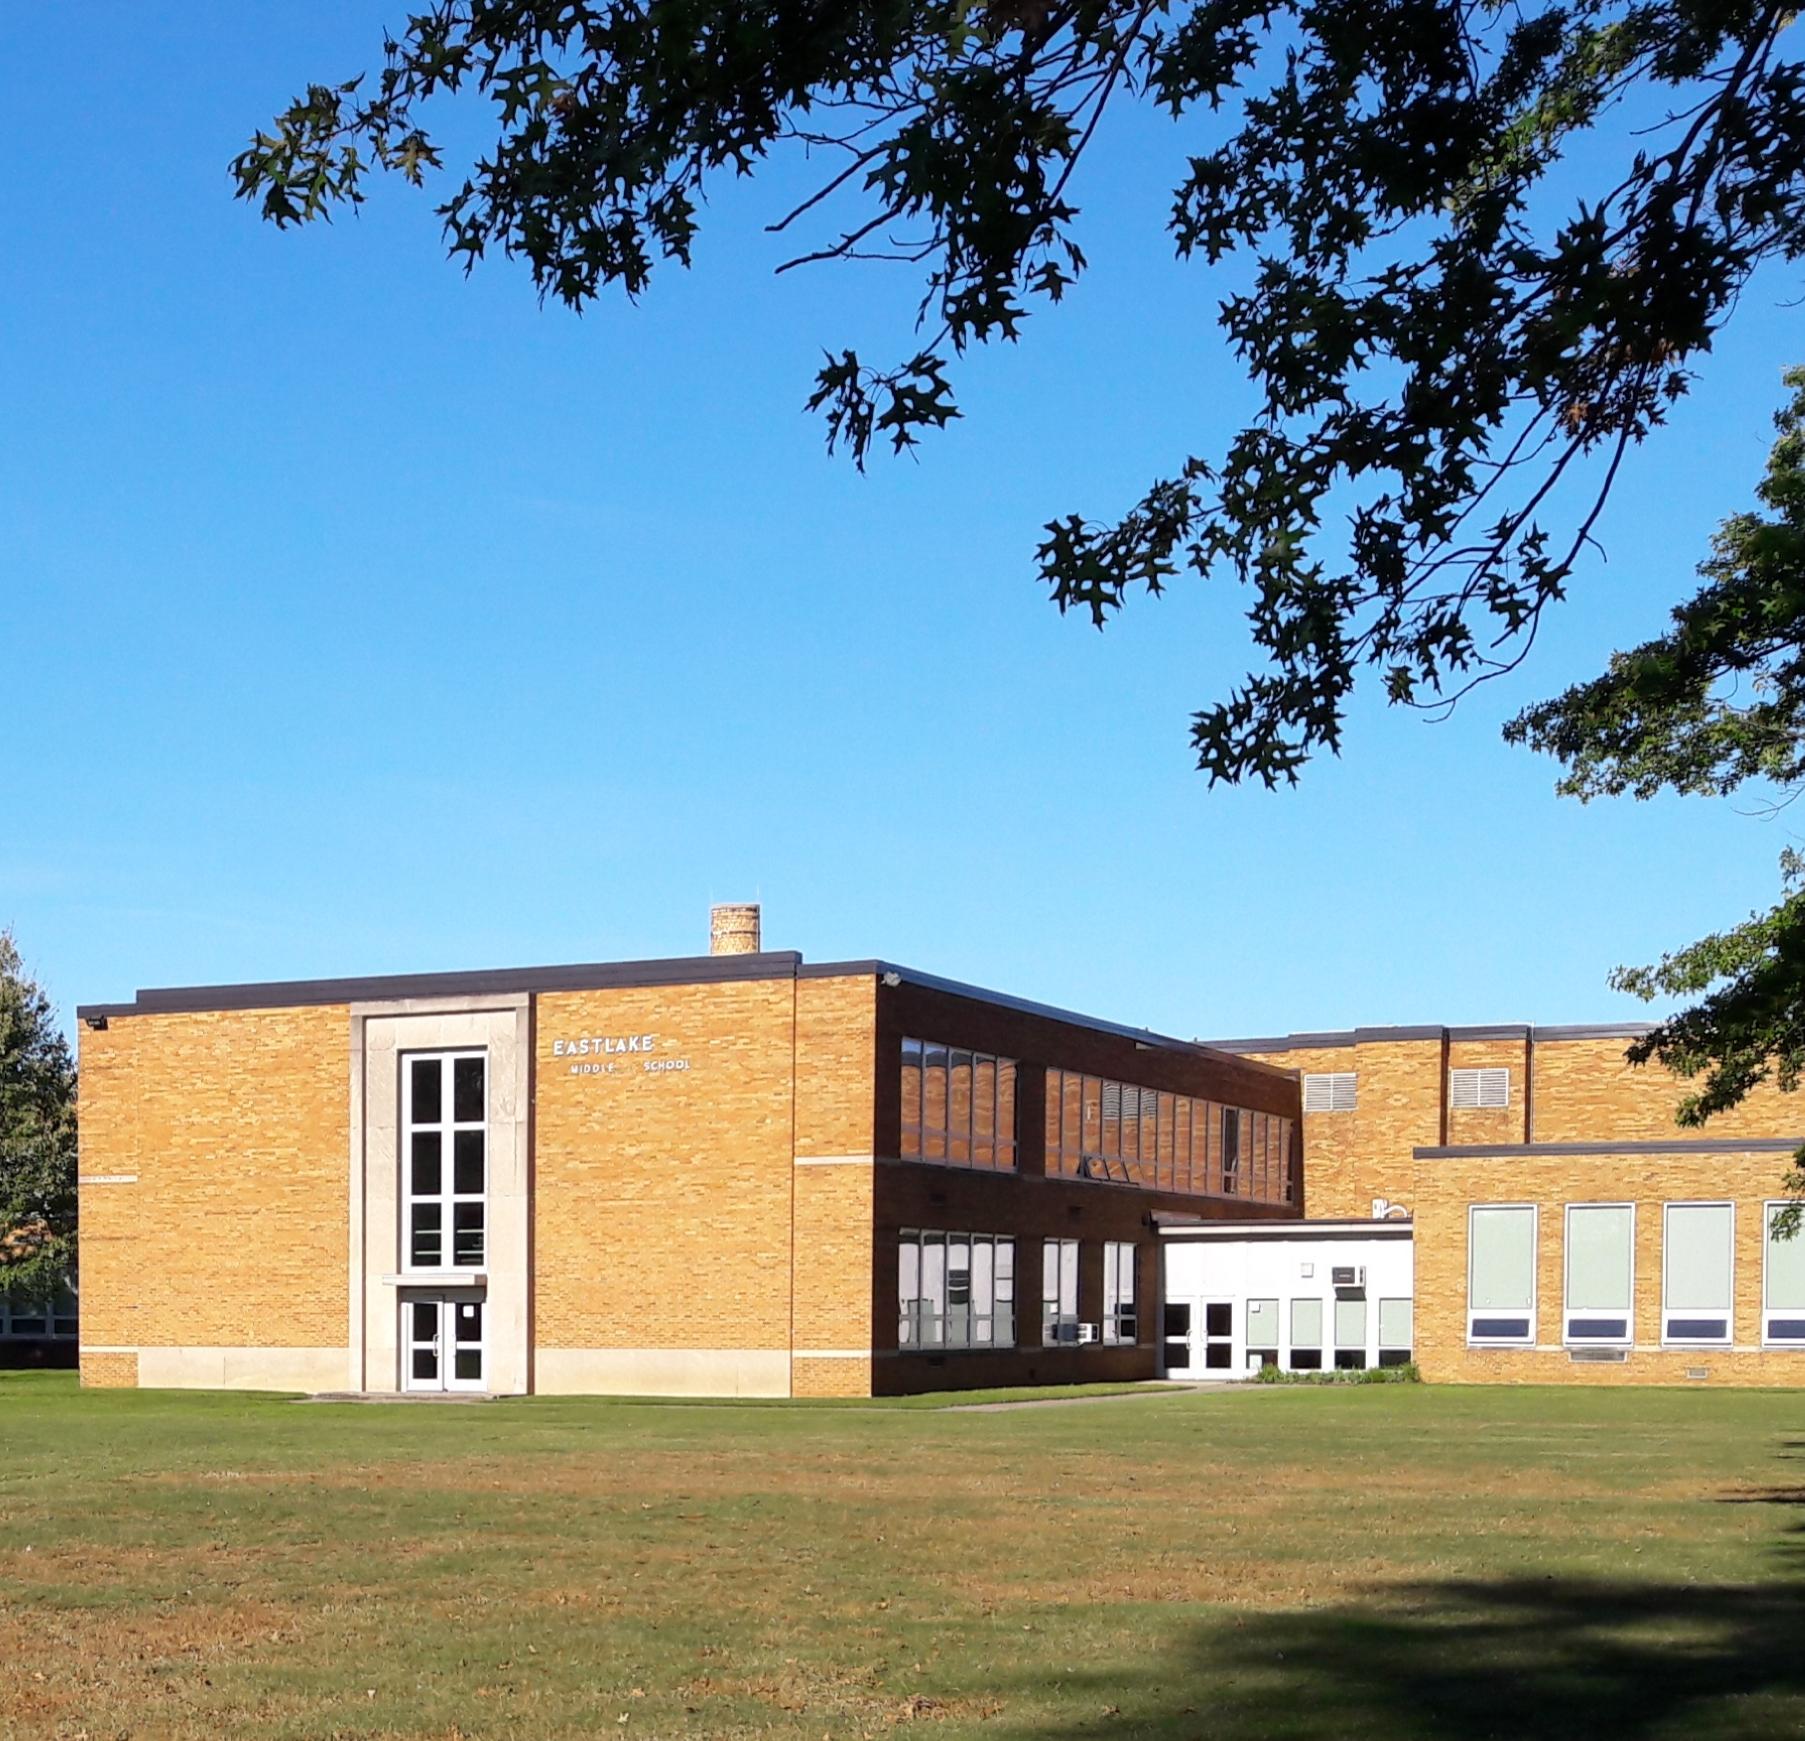 Eastlake Middle School Looking Good!